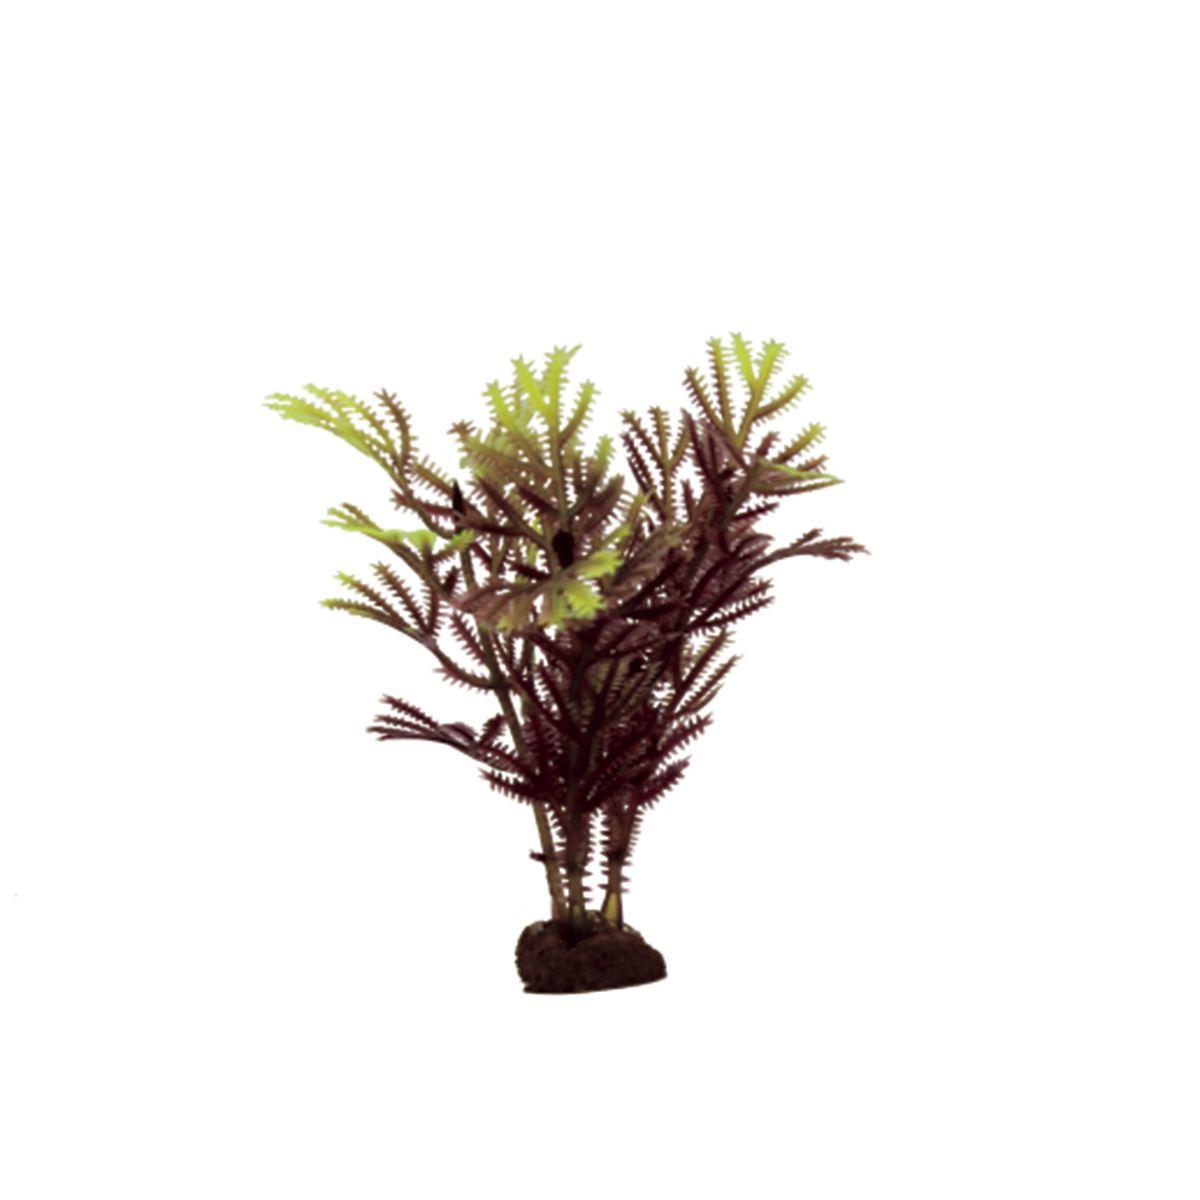 Растение для аквариума ArtUniq Хоттиния коричнево-желтая, высота 10 см, 6 шт0120710Композиция из искусственных растений ArtUniq превосходно украсит и оживит аквариум.Растения - это важная часть любой композиции, они помогут вдохнуть жизнь в ландшафт любого аквариума или террариума. А их сходствос природными порадует даже самых взыскательных ценителей.